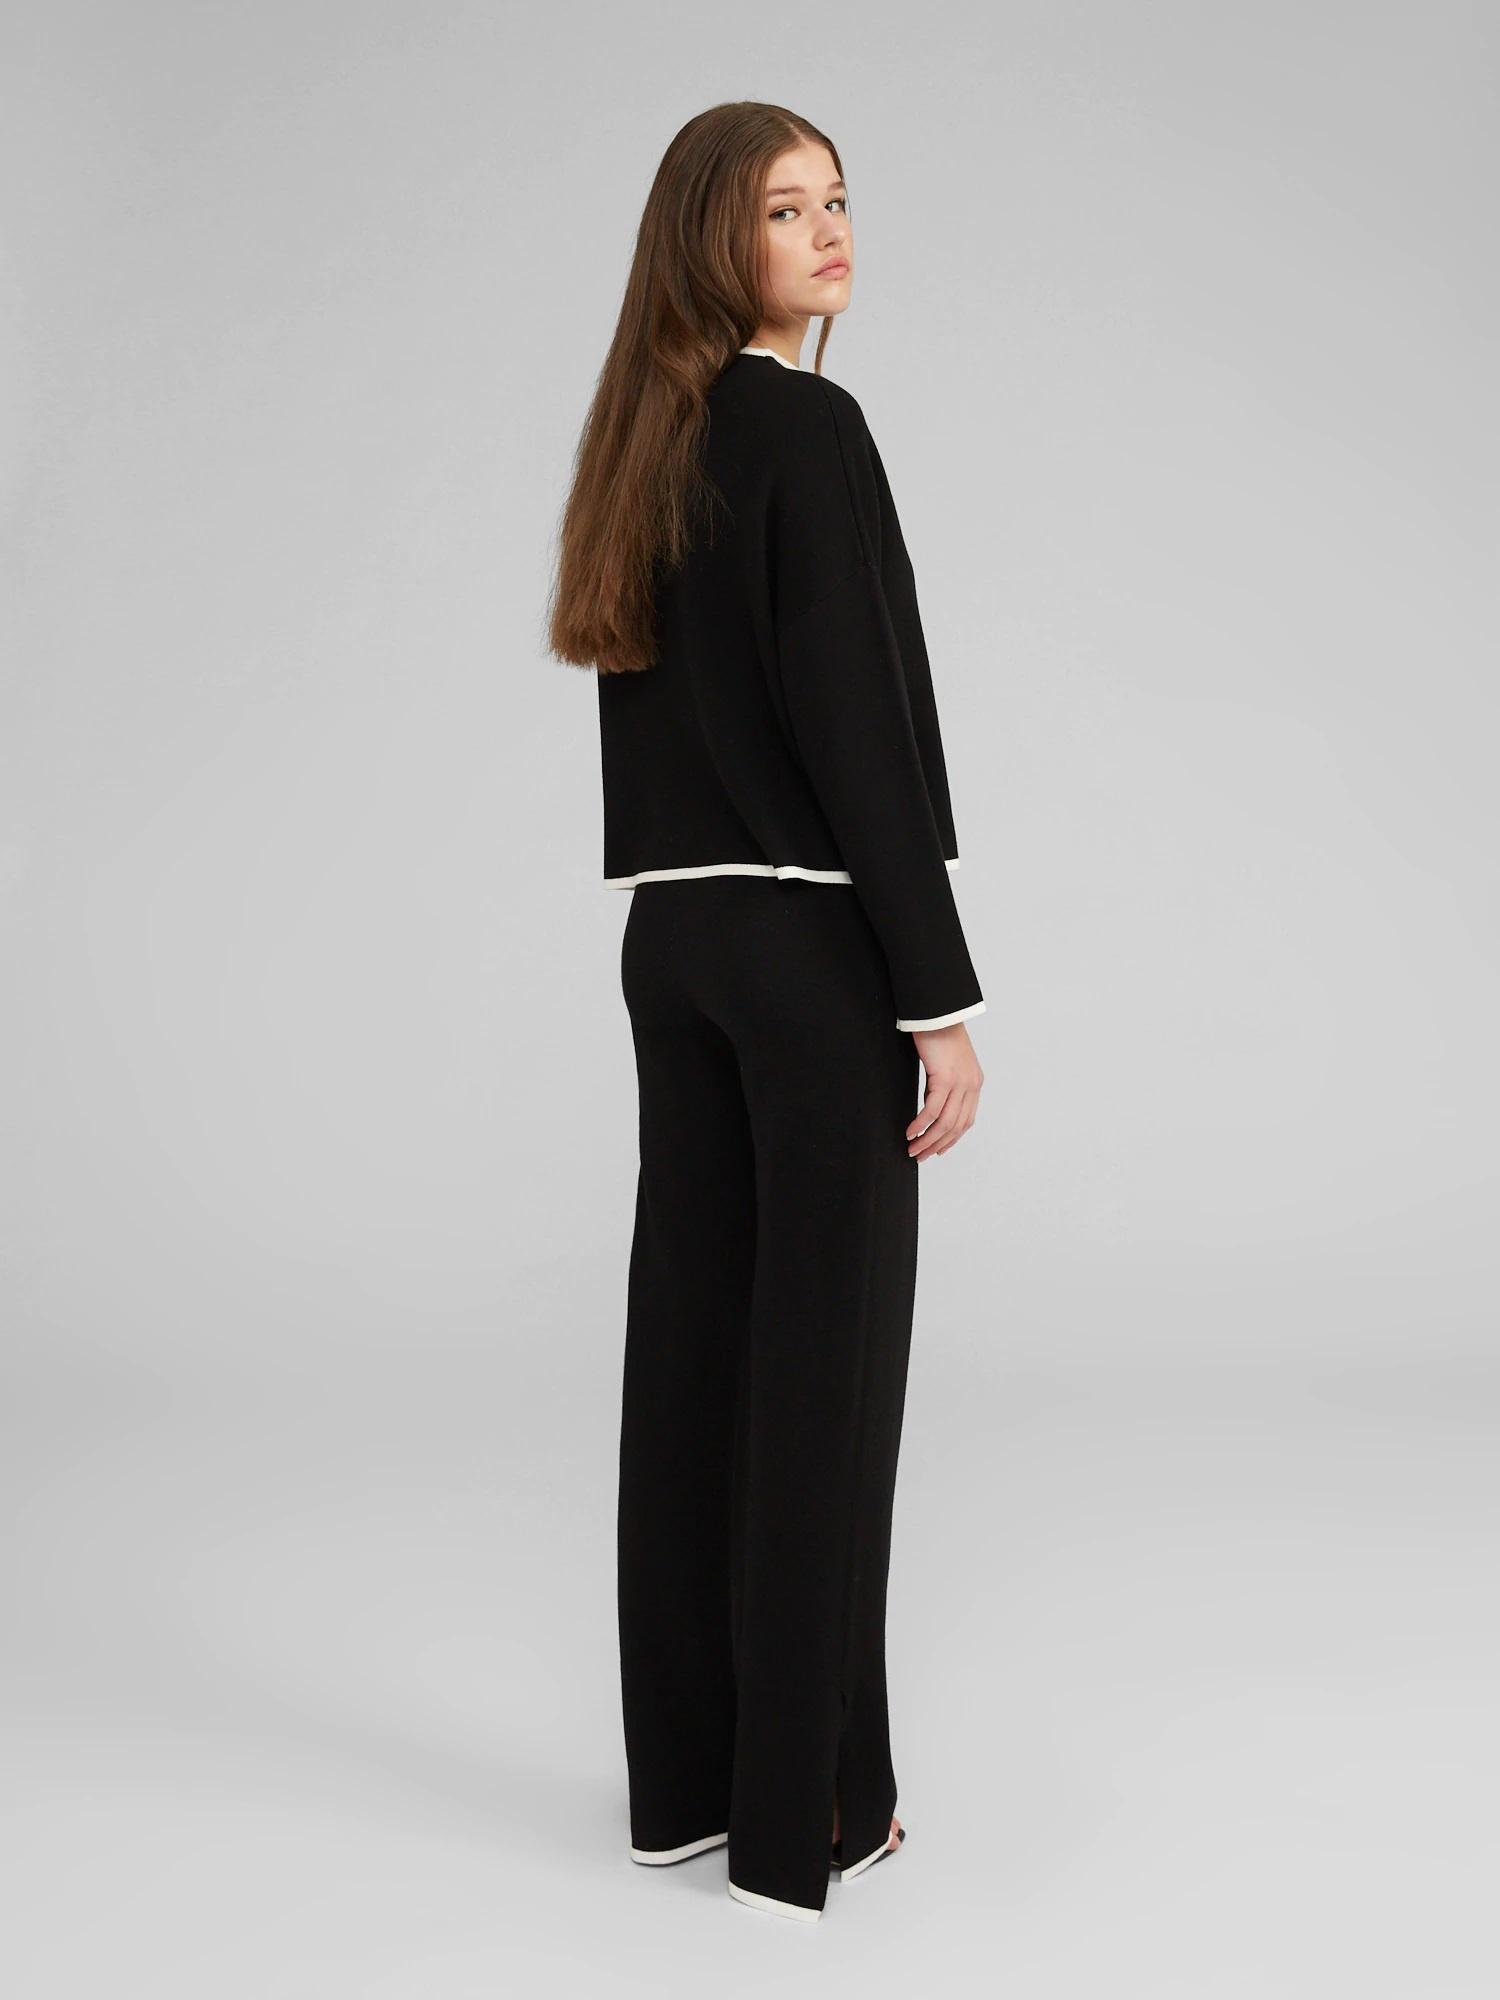 Broek Maxima knit Black-5